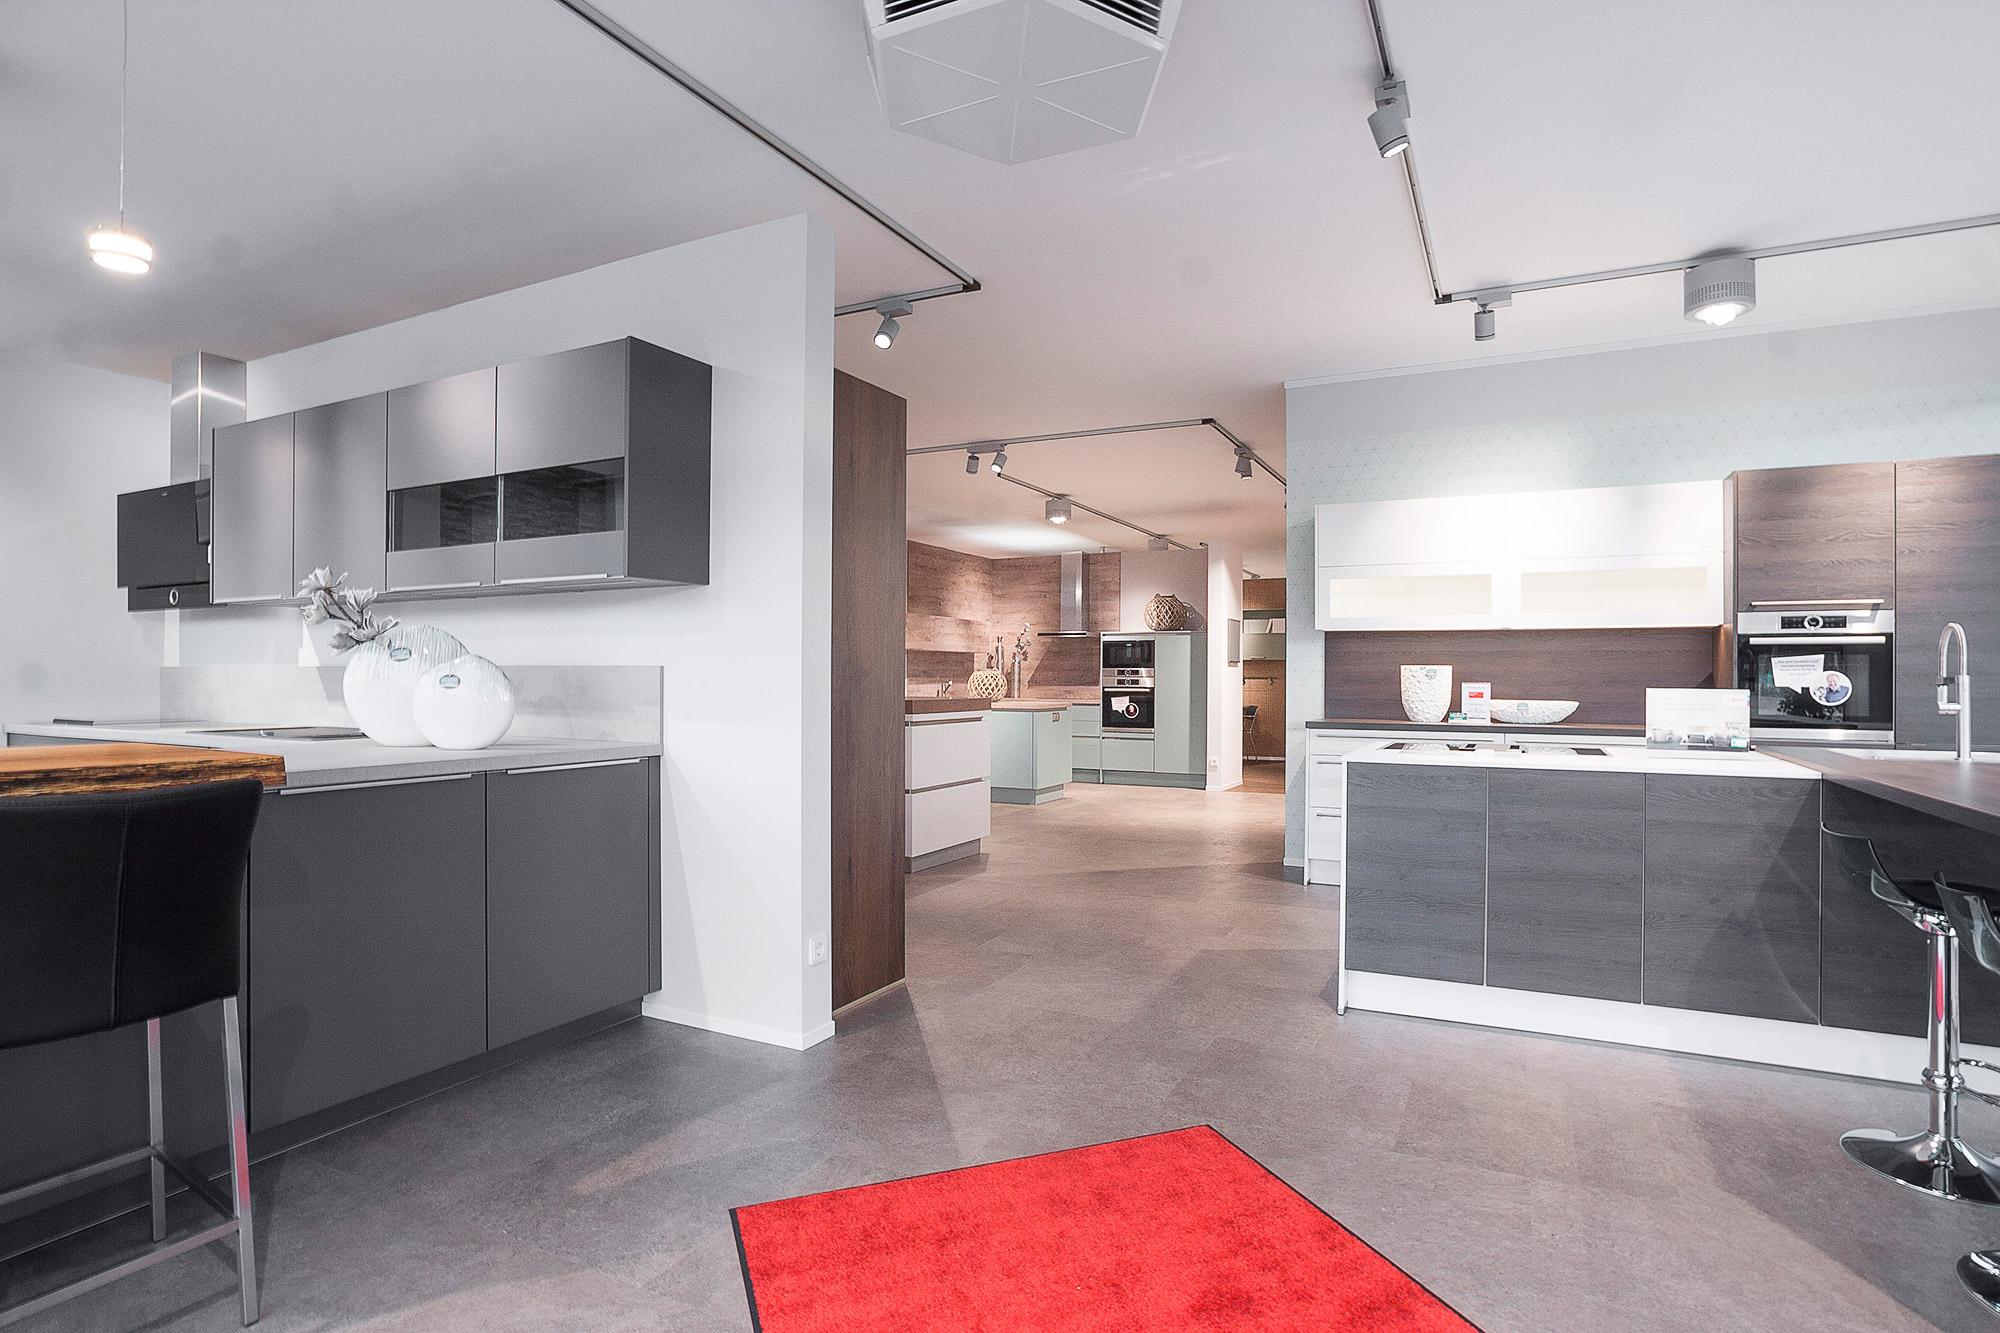 Küchenausstellung von Küchen Vogt